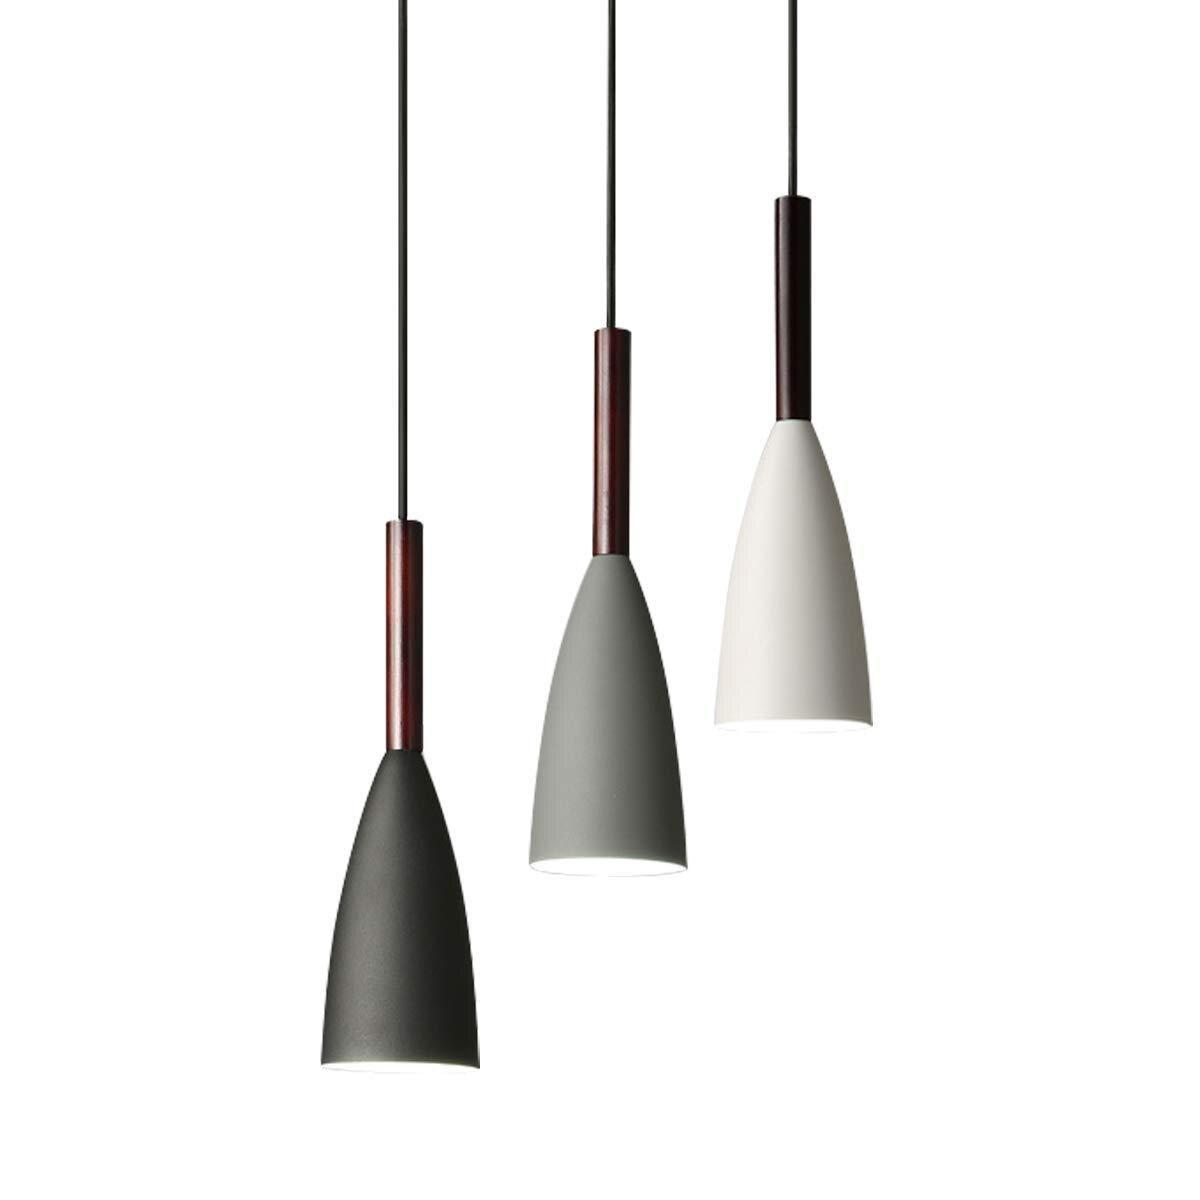 Moderne 3 pendentif éclairage nordique minimaliste pendentif lumières sur Table à manger cuisine île suspendus lampes salle à manger lumières E27 - 2